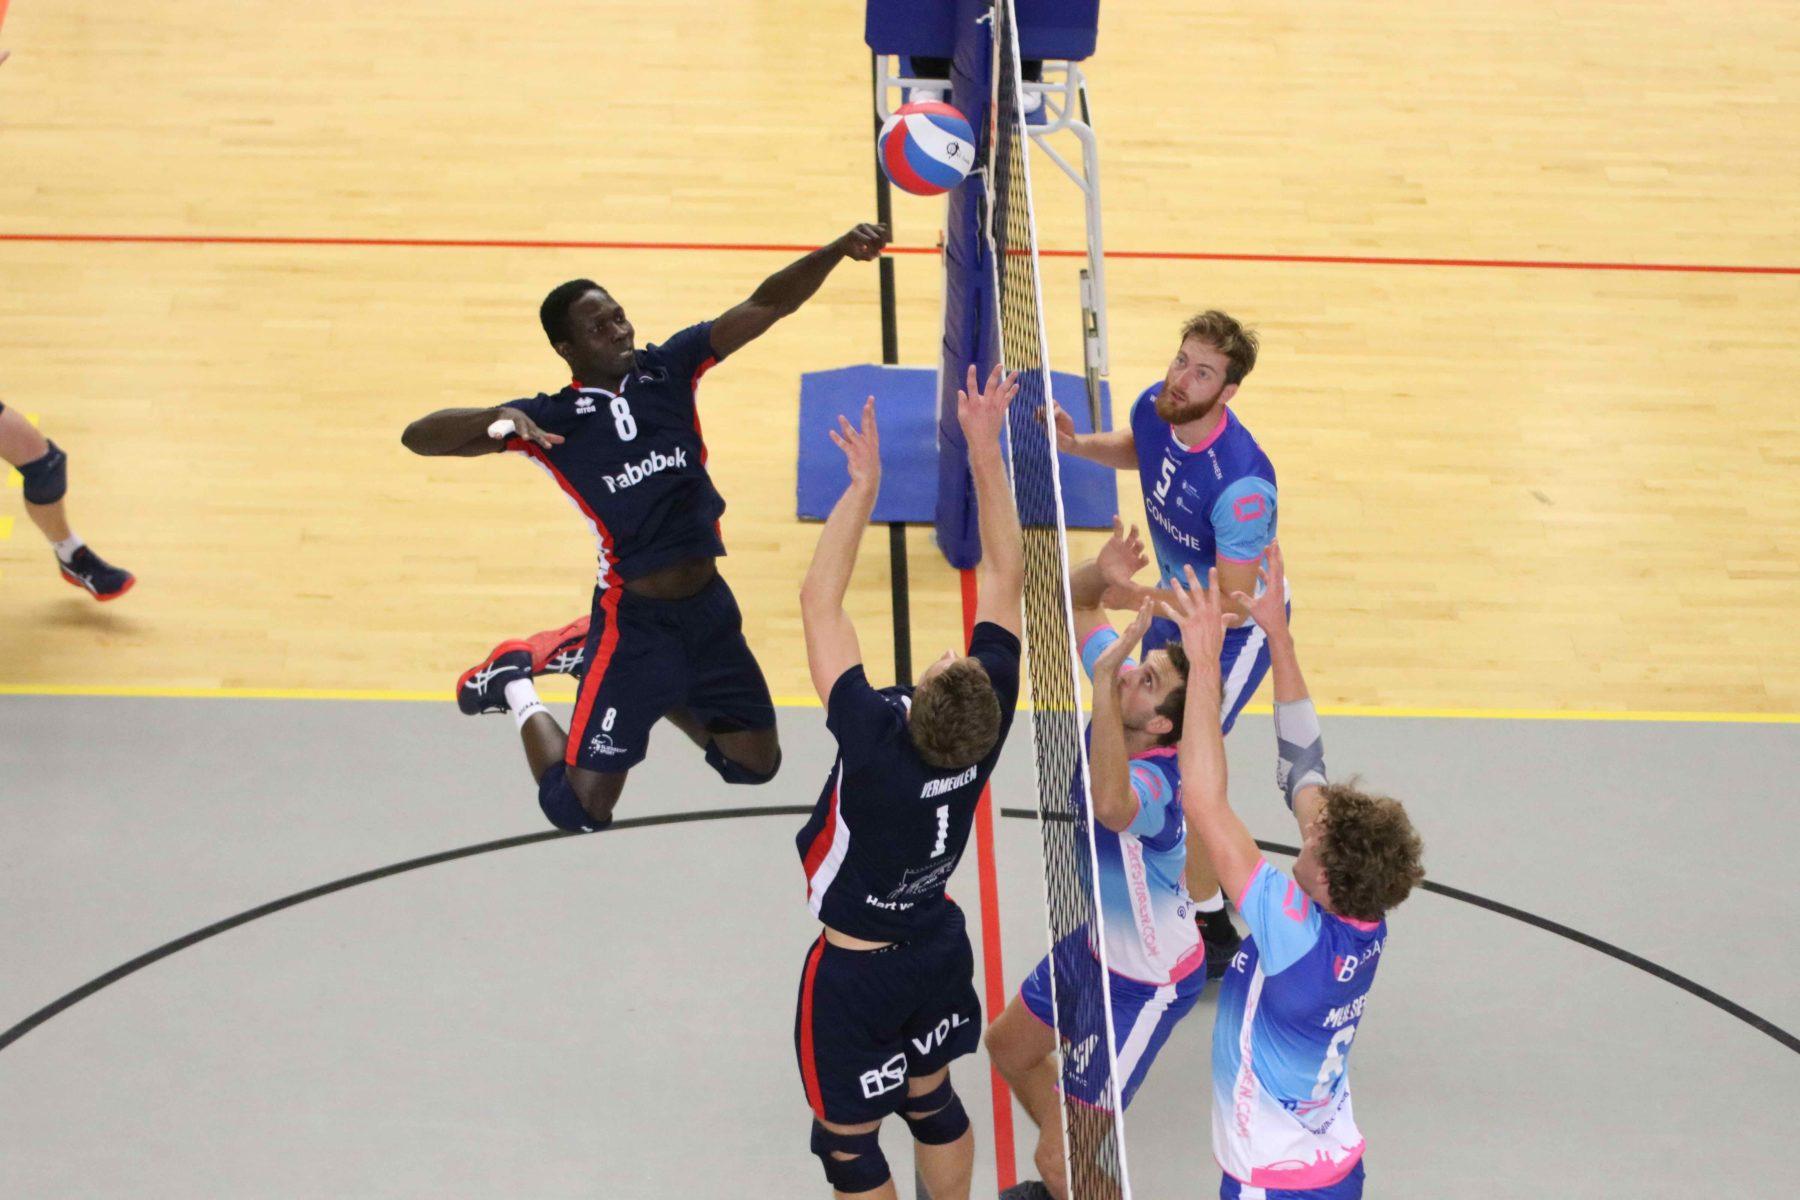 Heren 1 wint ook Koninklijk in Zwolle